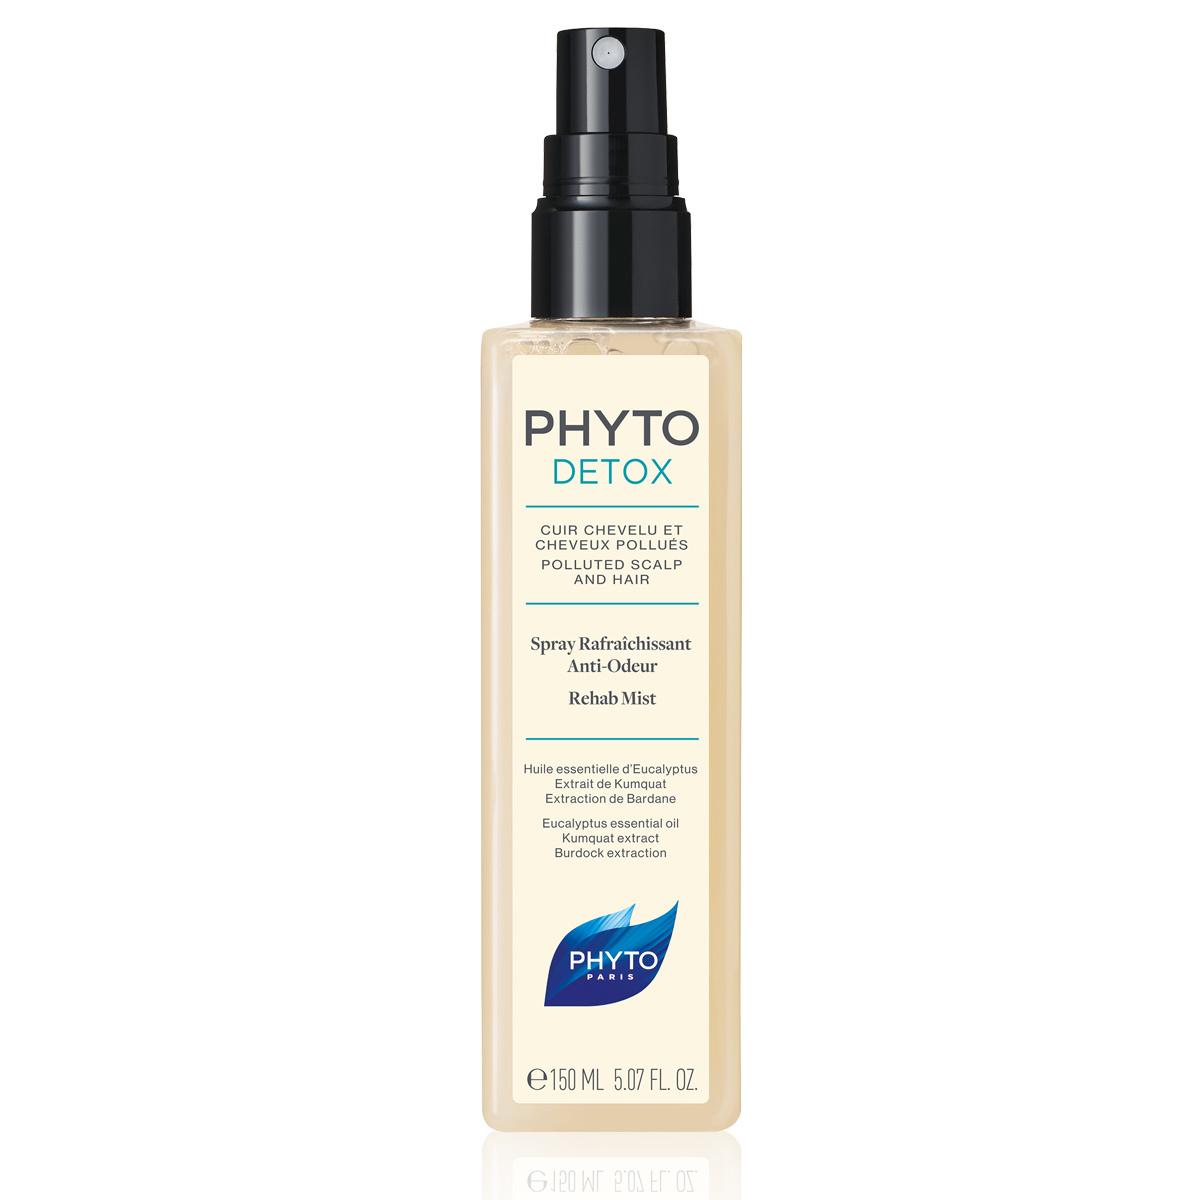 Rehab Mist o Spray antiolor detox de Phyto con eucalipto y bardana.